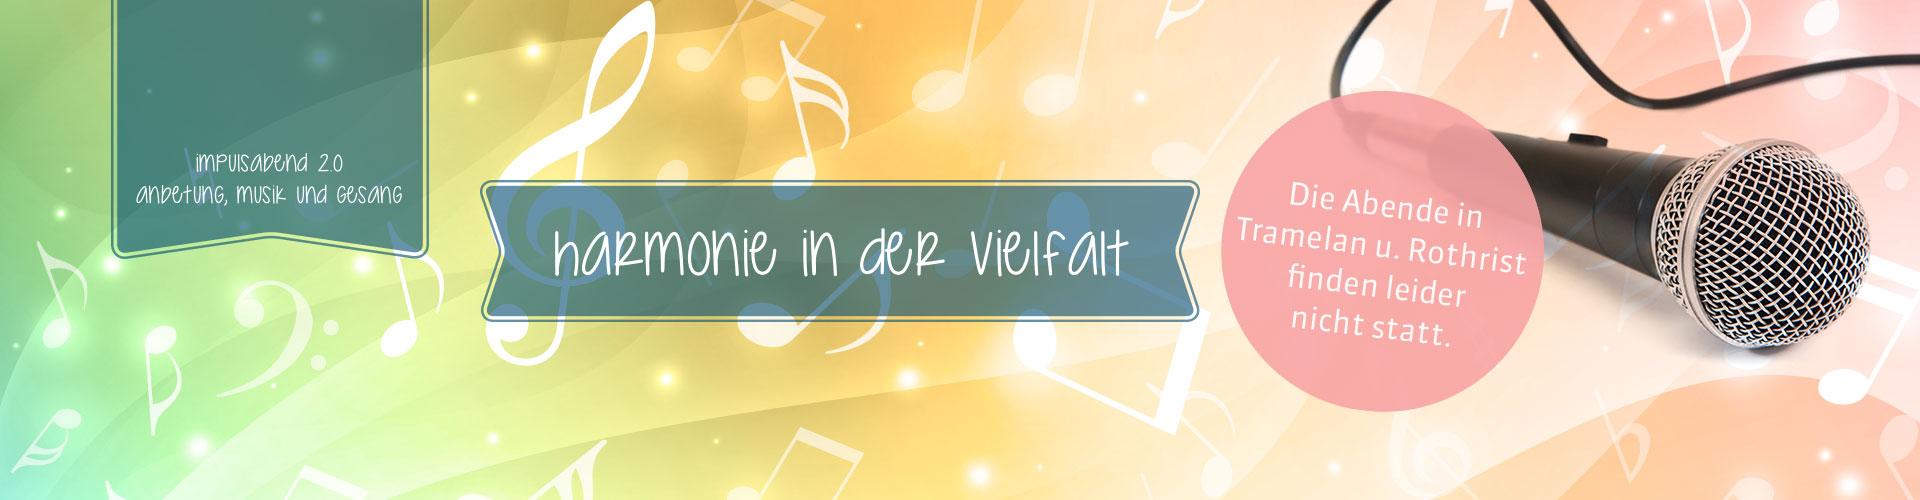 Slide Impulsabend Anbetung Musik Gesang 2019